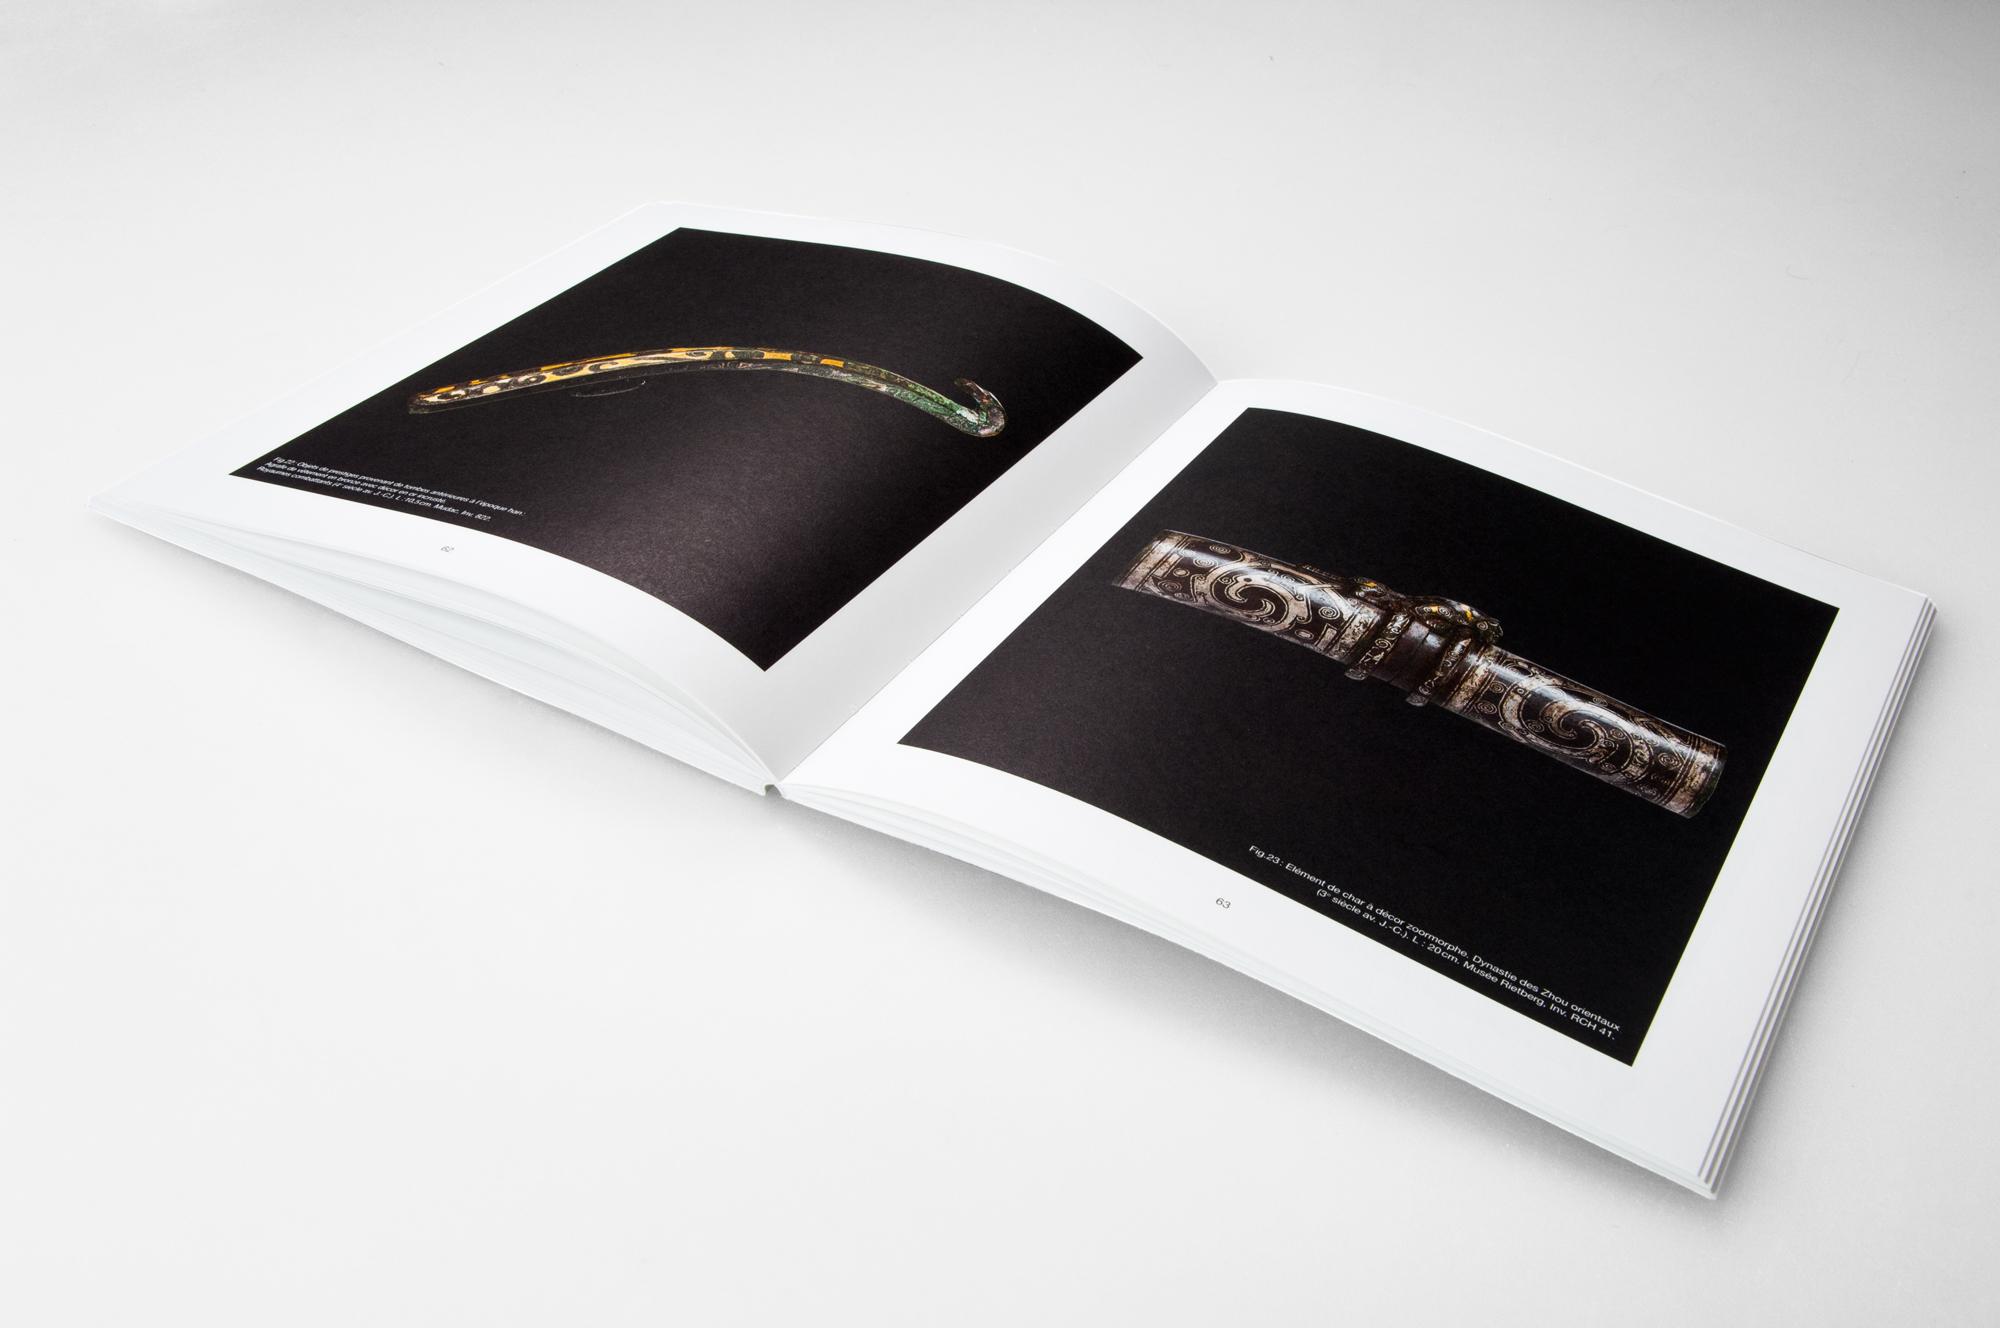 page de catalogue du laténium avec une image en plein page sur chaque face